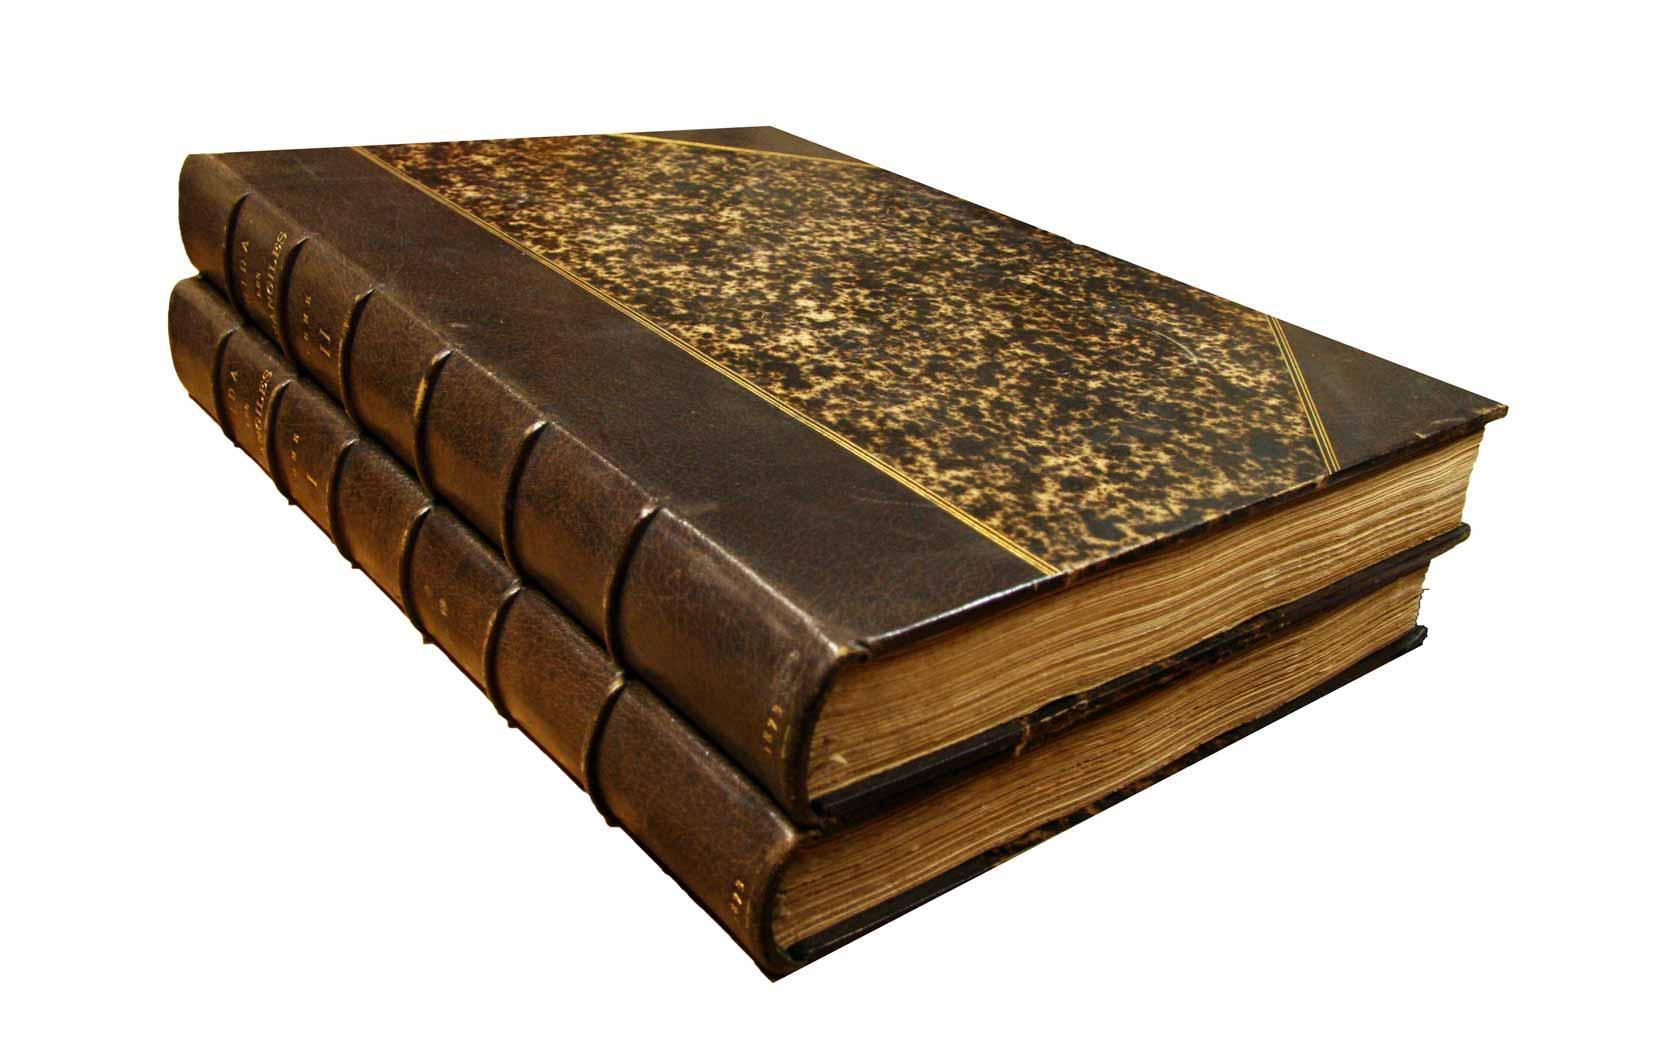 viaLibri ~ Rare Books from 1873 - Page 4